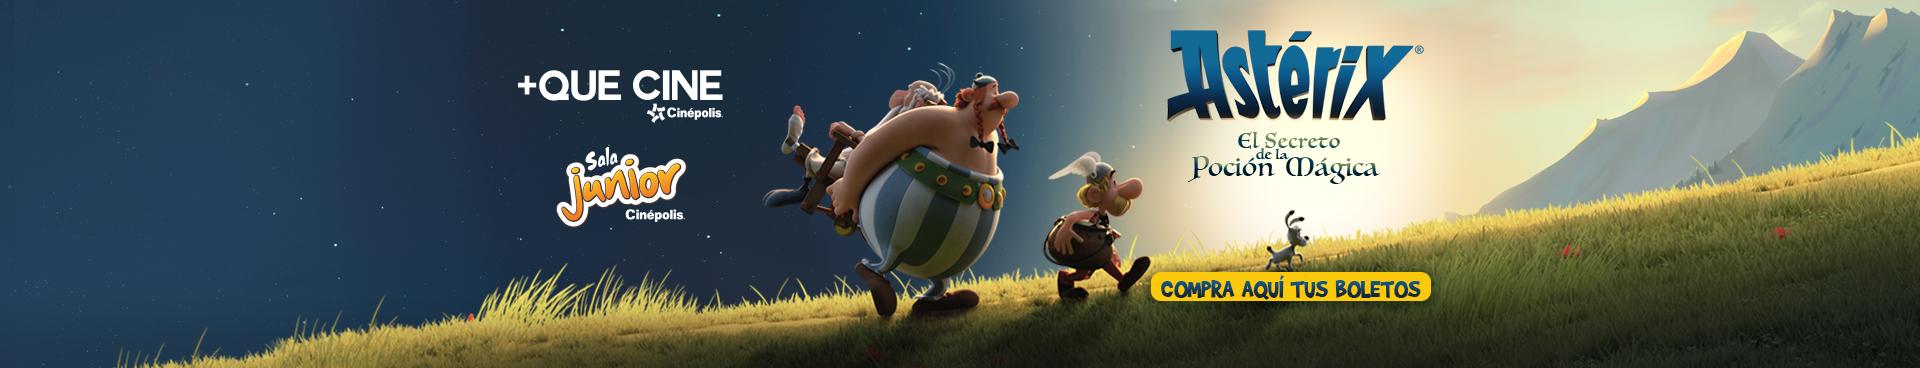 +Que Cine: Asterix